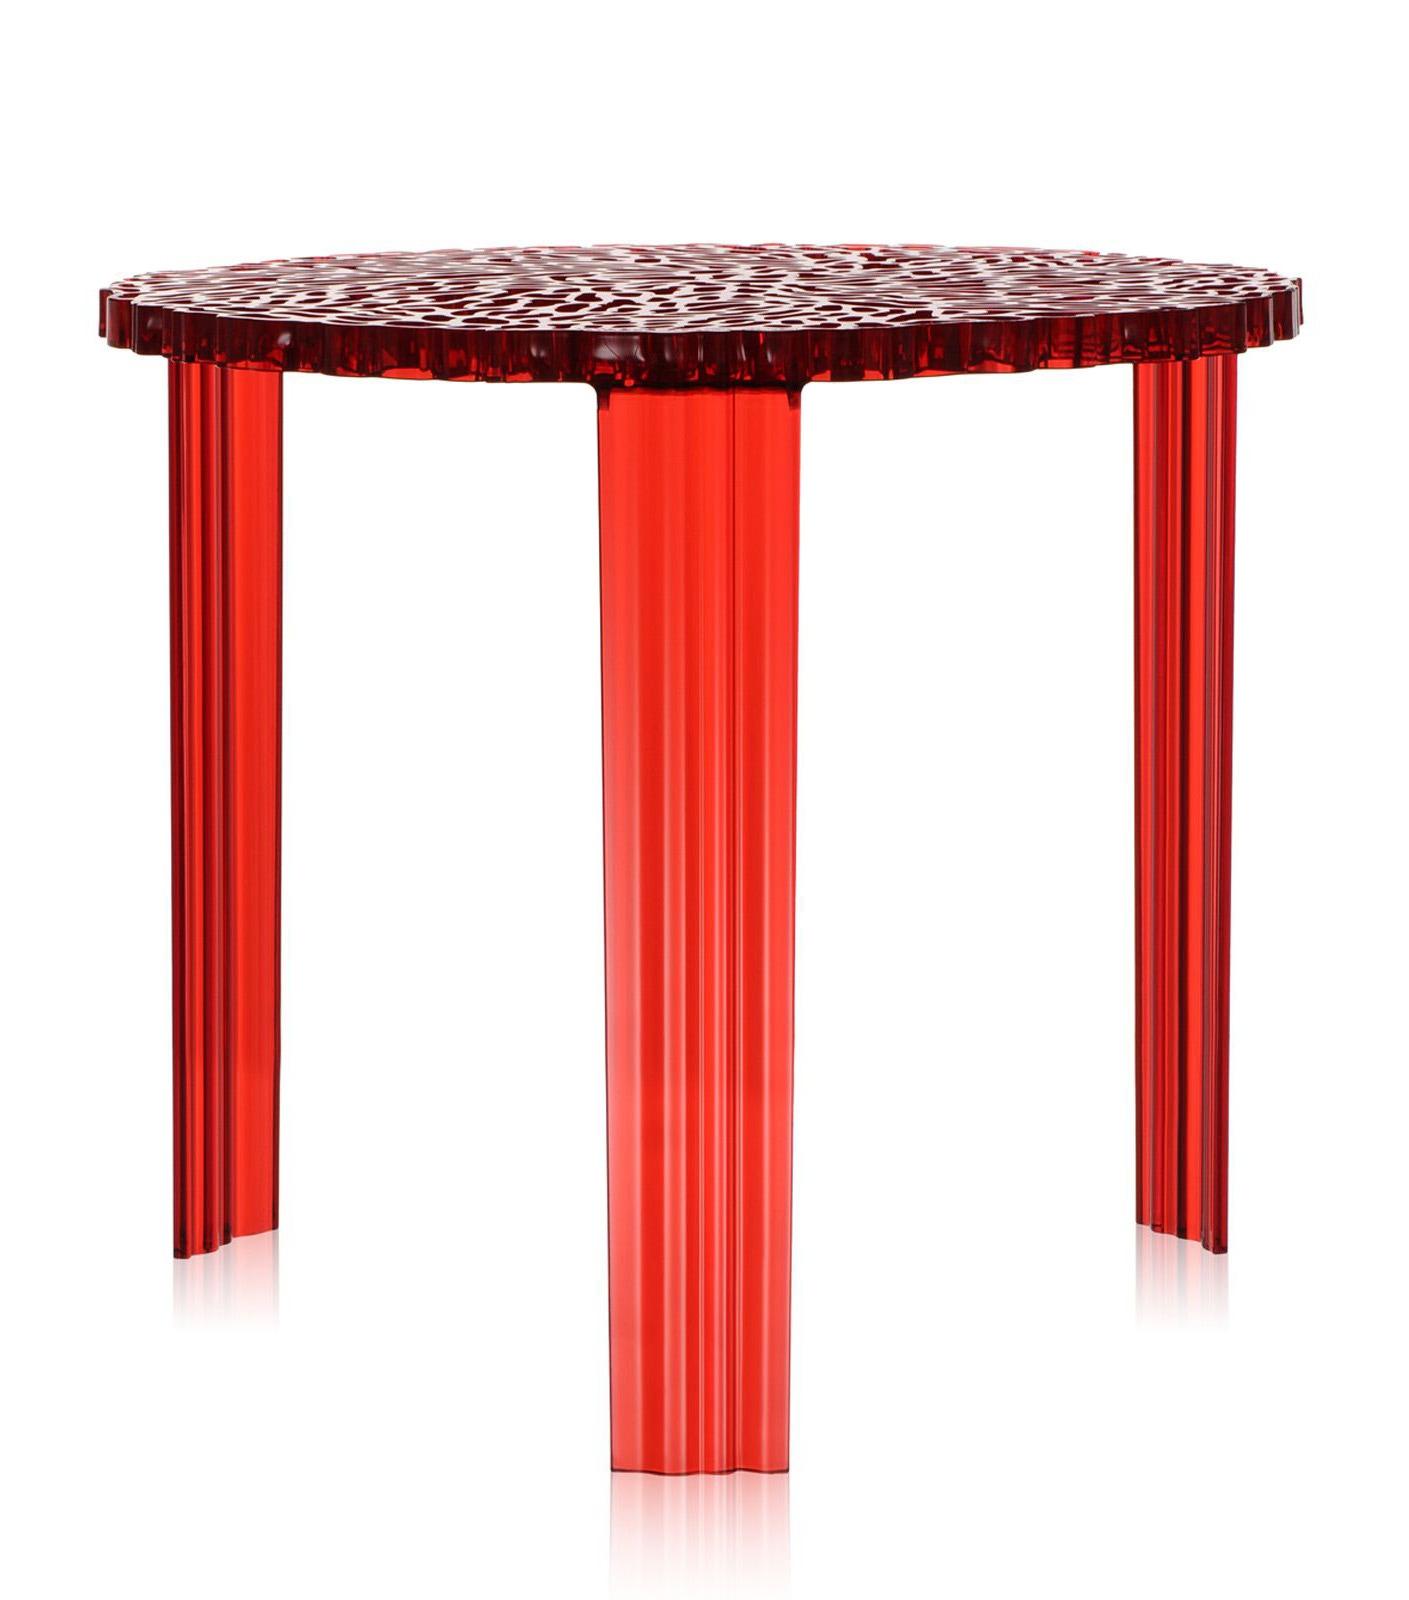 Kartell t table table modern planet for Table kartell